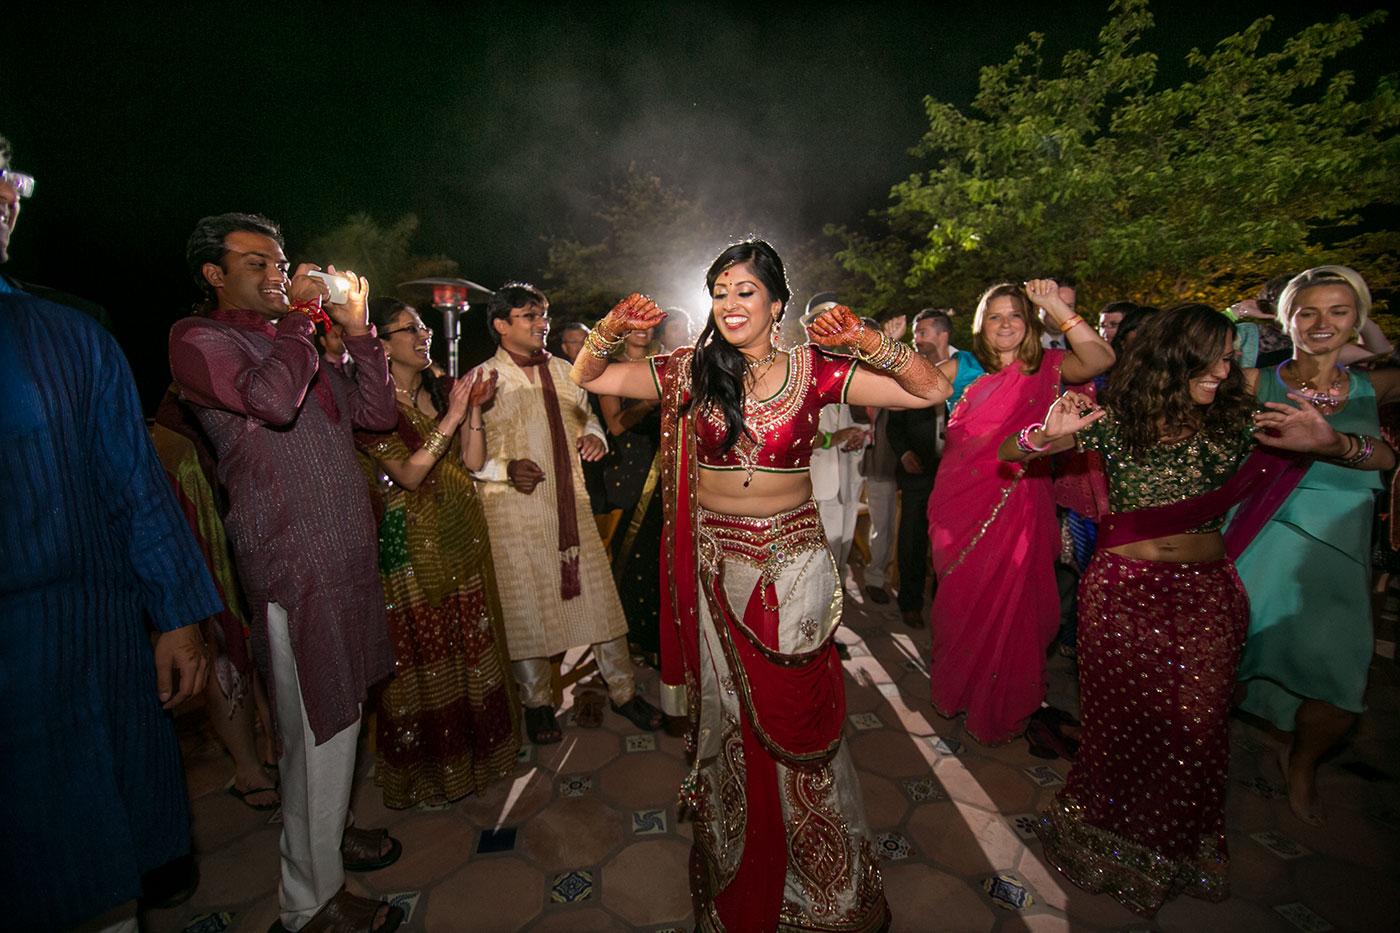 san-jose-indian-wedding-photos-96